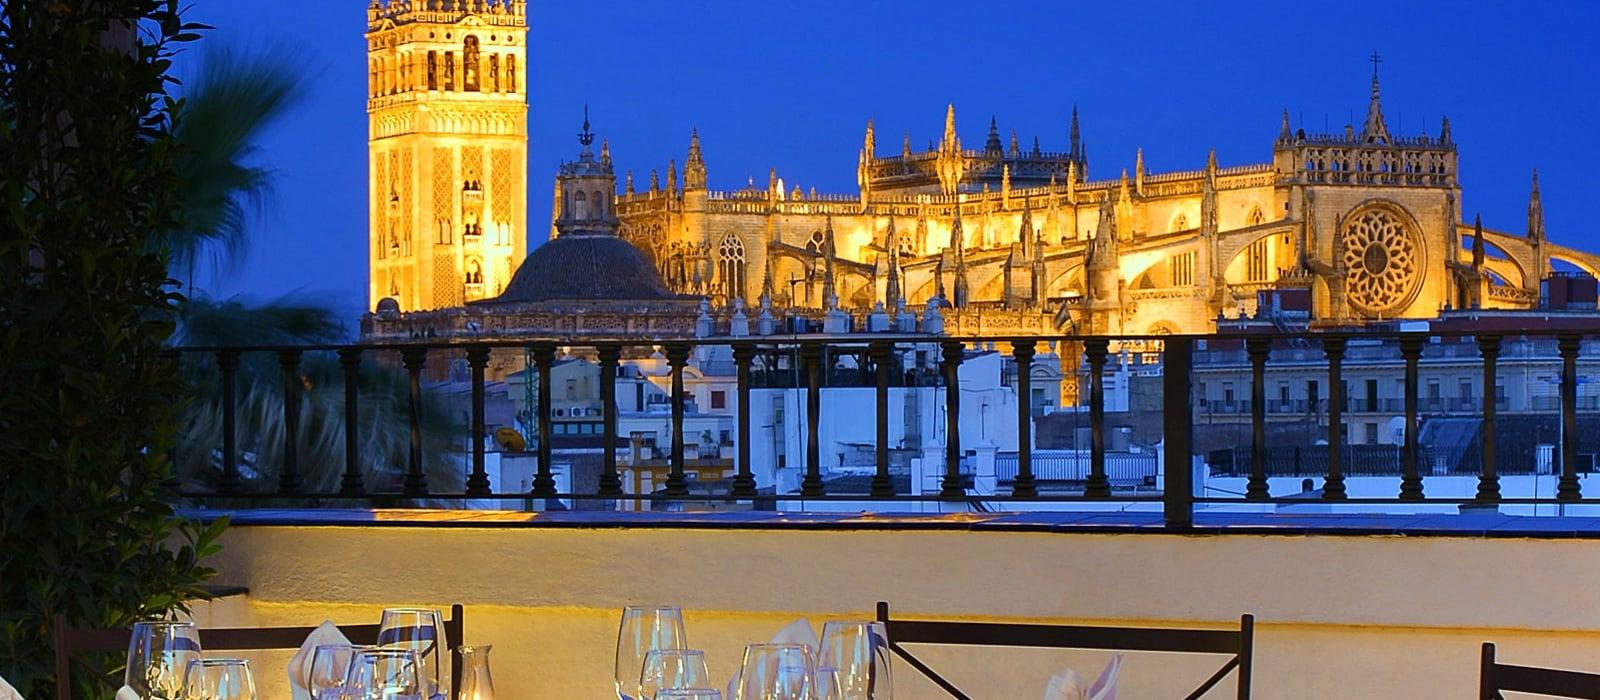 Offerte Hotel Vincci Sevilla La Rabida - Soggiorna 3 notti e risparmia 15%!